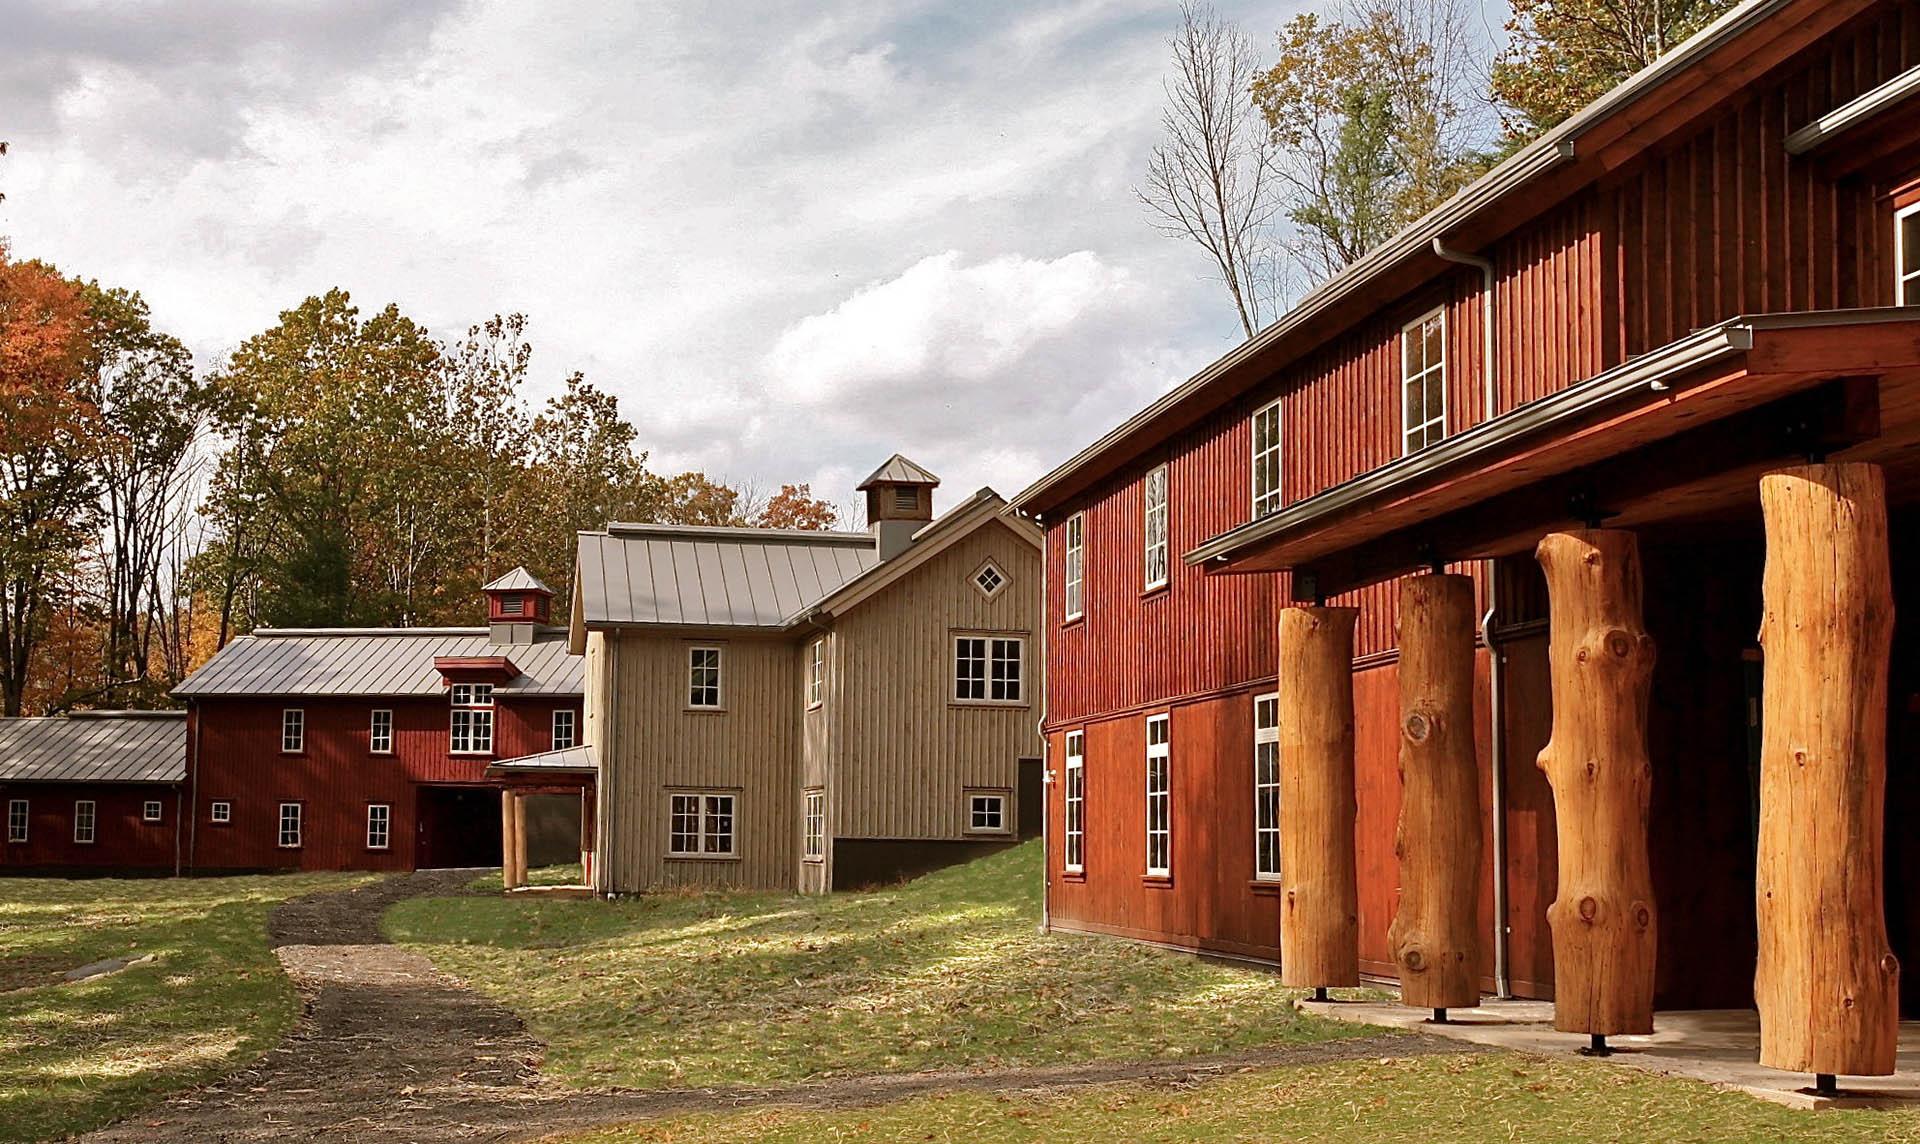 Beaverkill Teacher's and Lakeside Residential Buildings